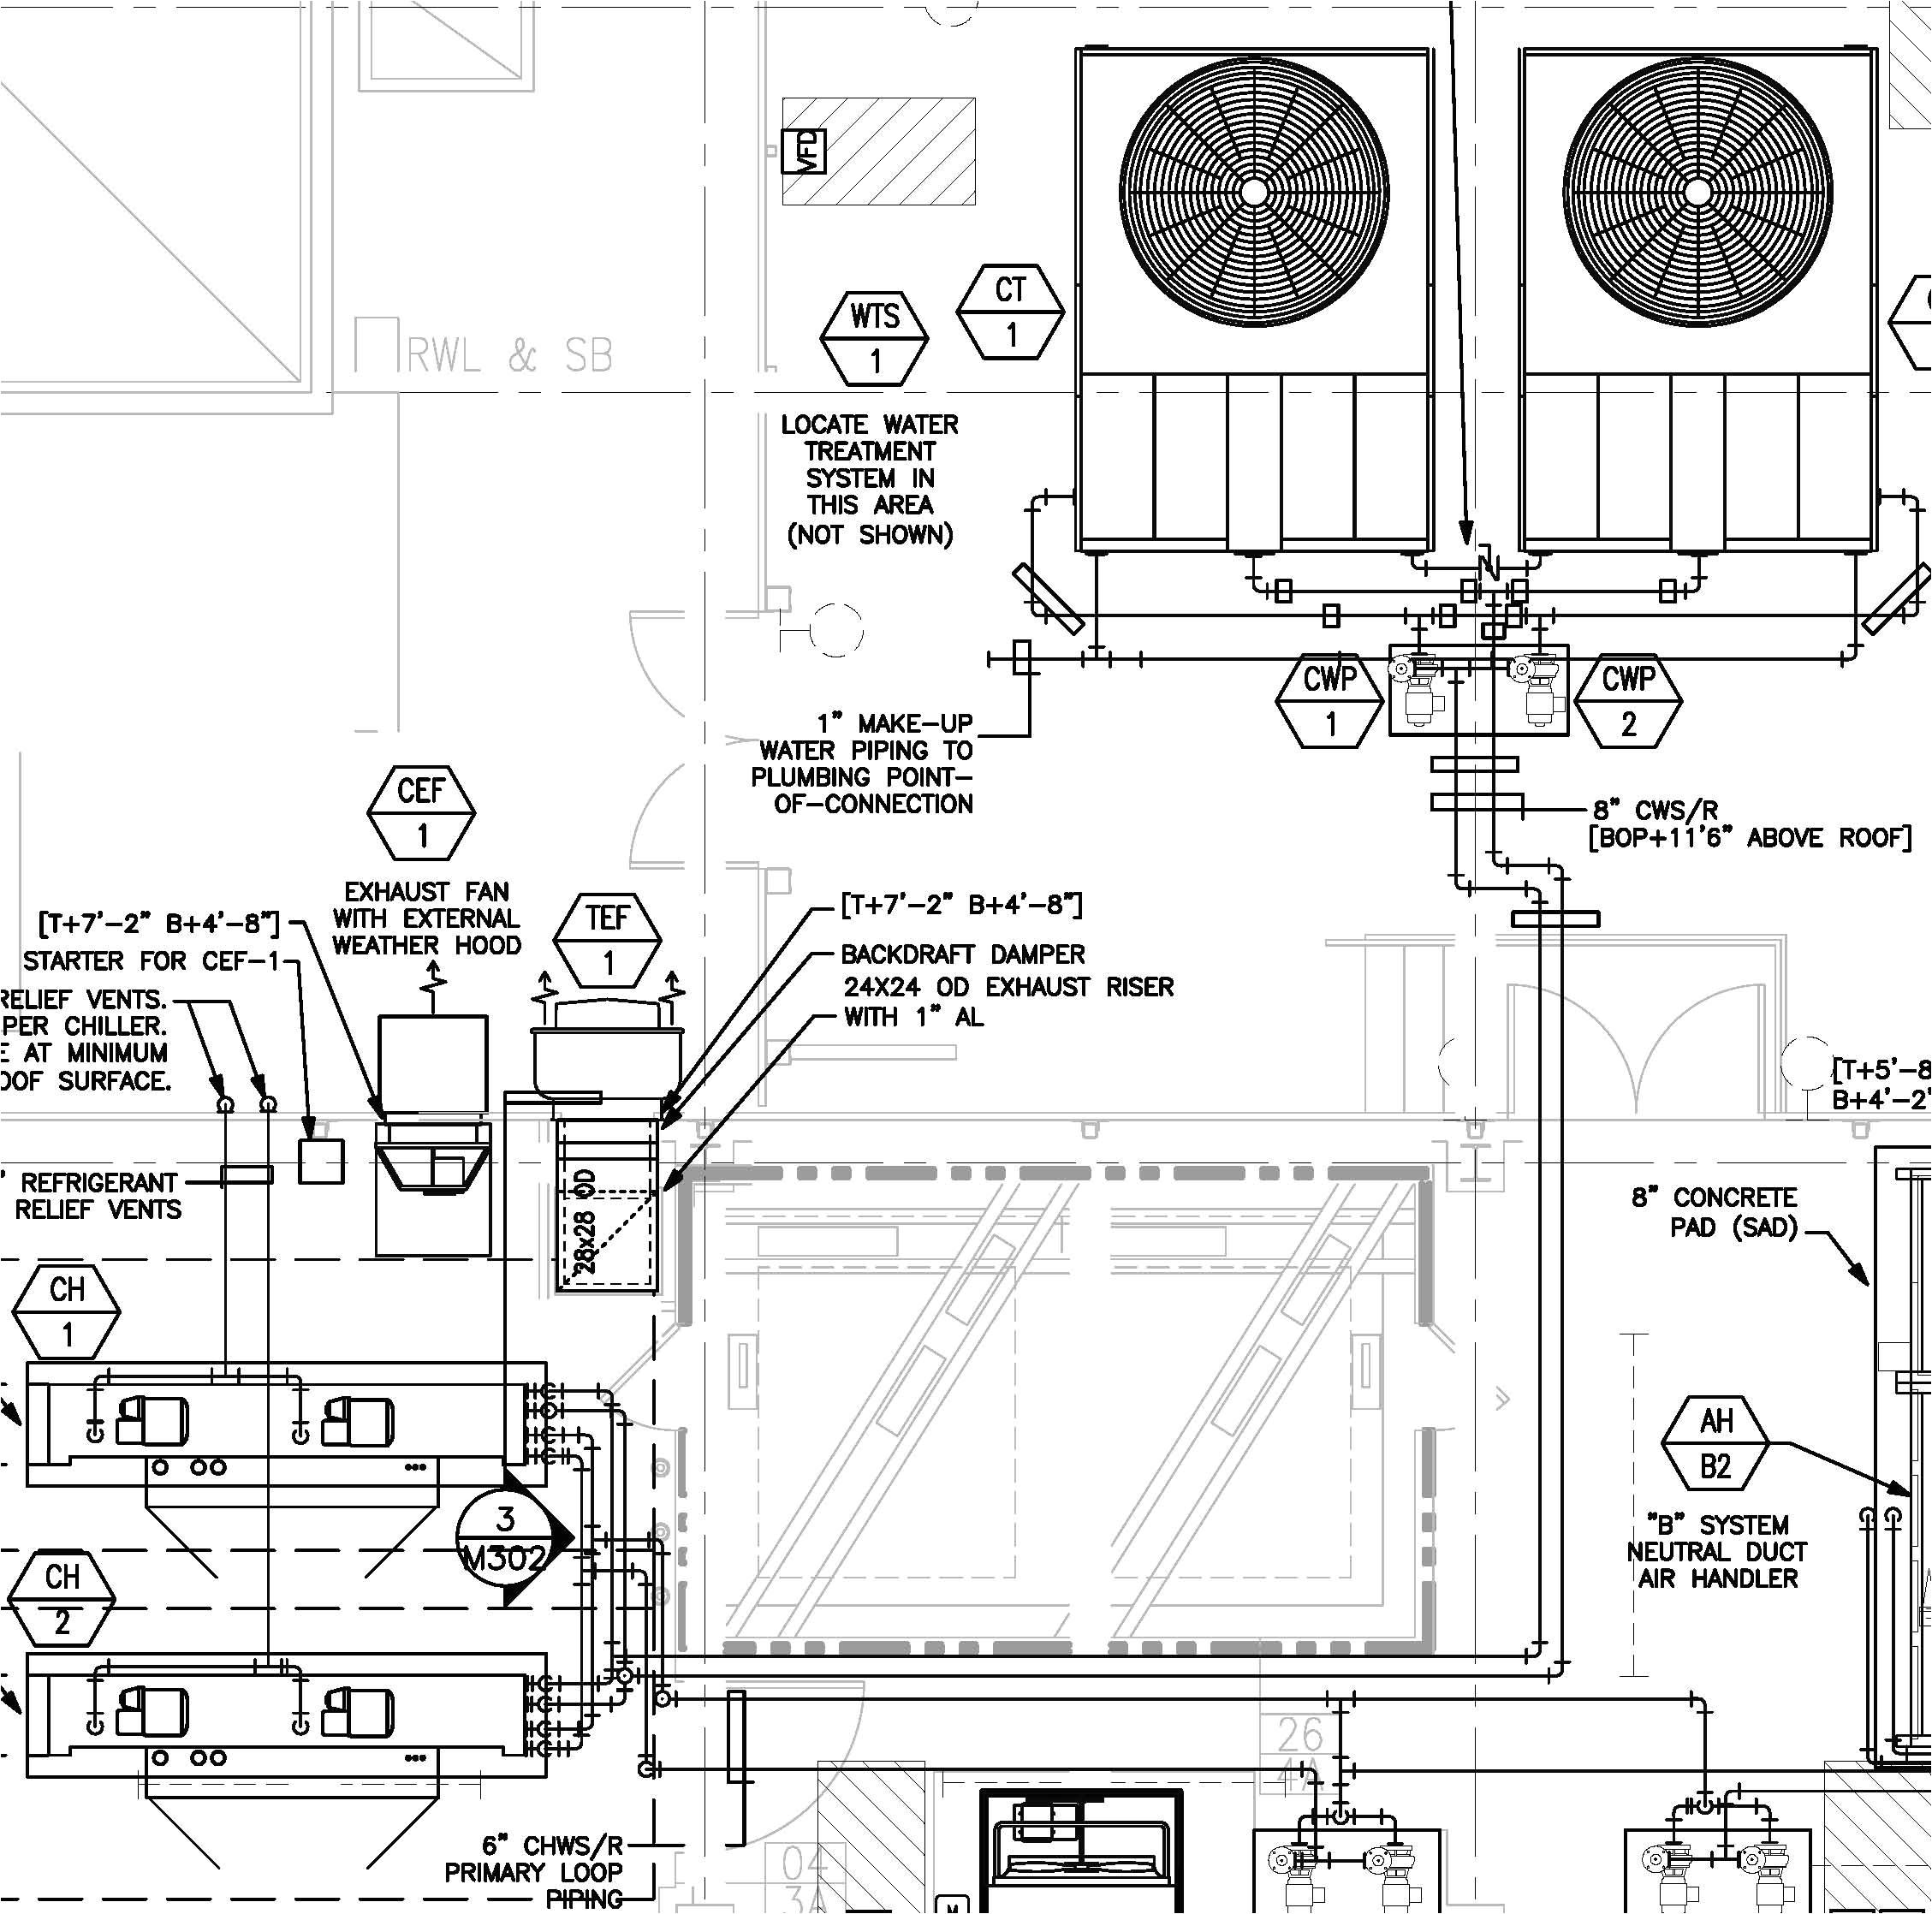 norlake walk in freezer wiring diagram norlake walk in freezer wiring diagram elegant walk in cooler troubleshooting chart free troubleshooting 19c jpg